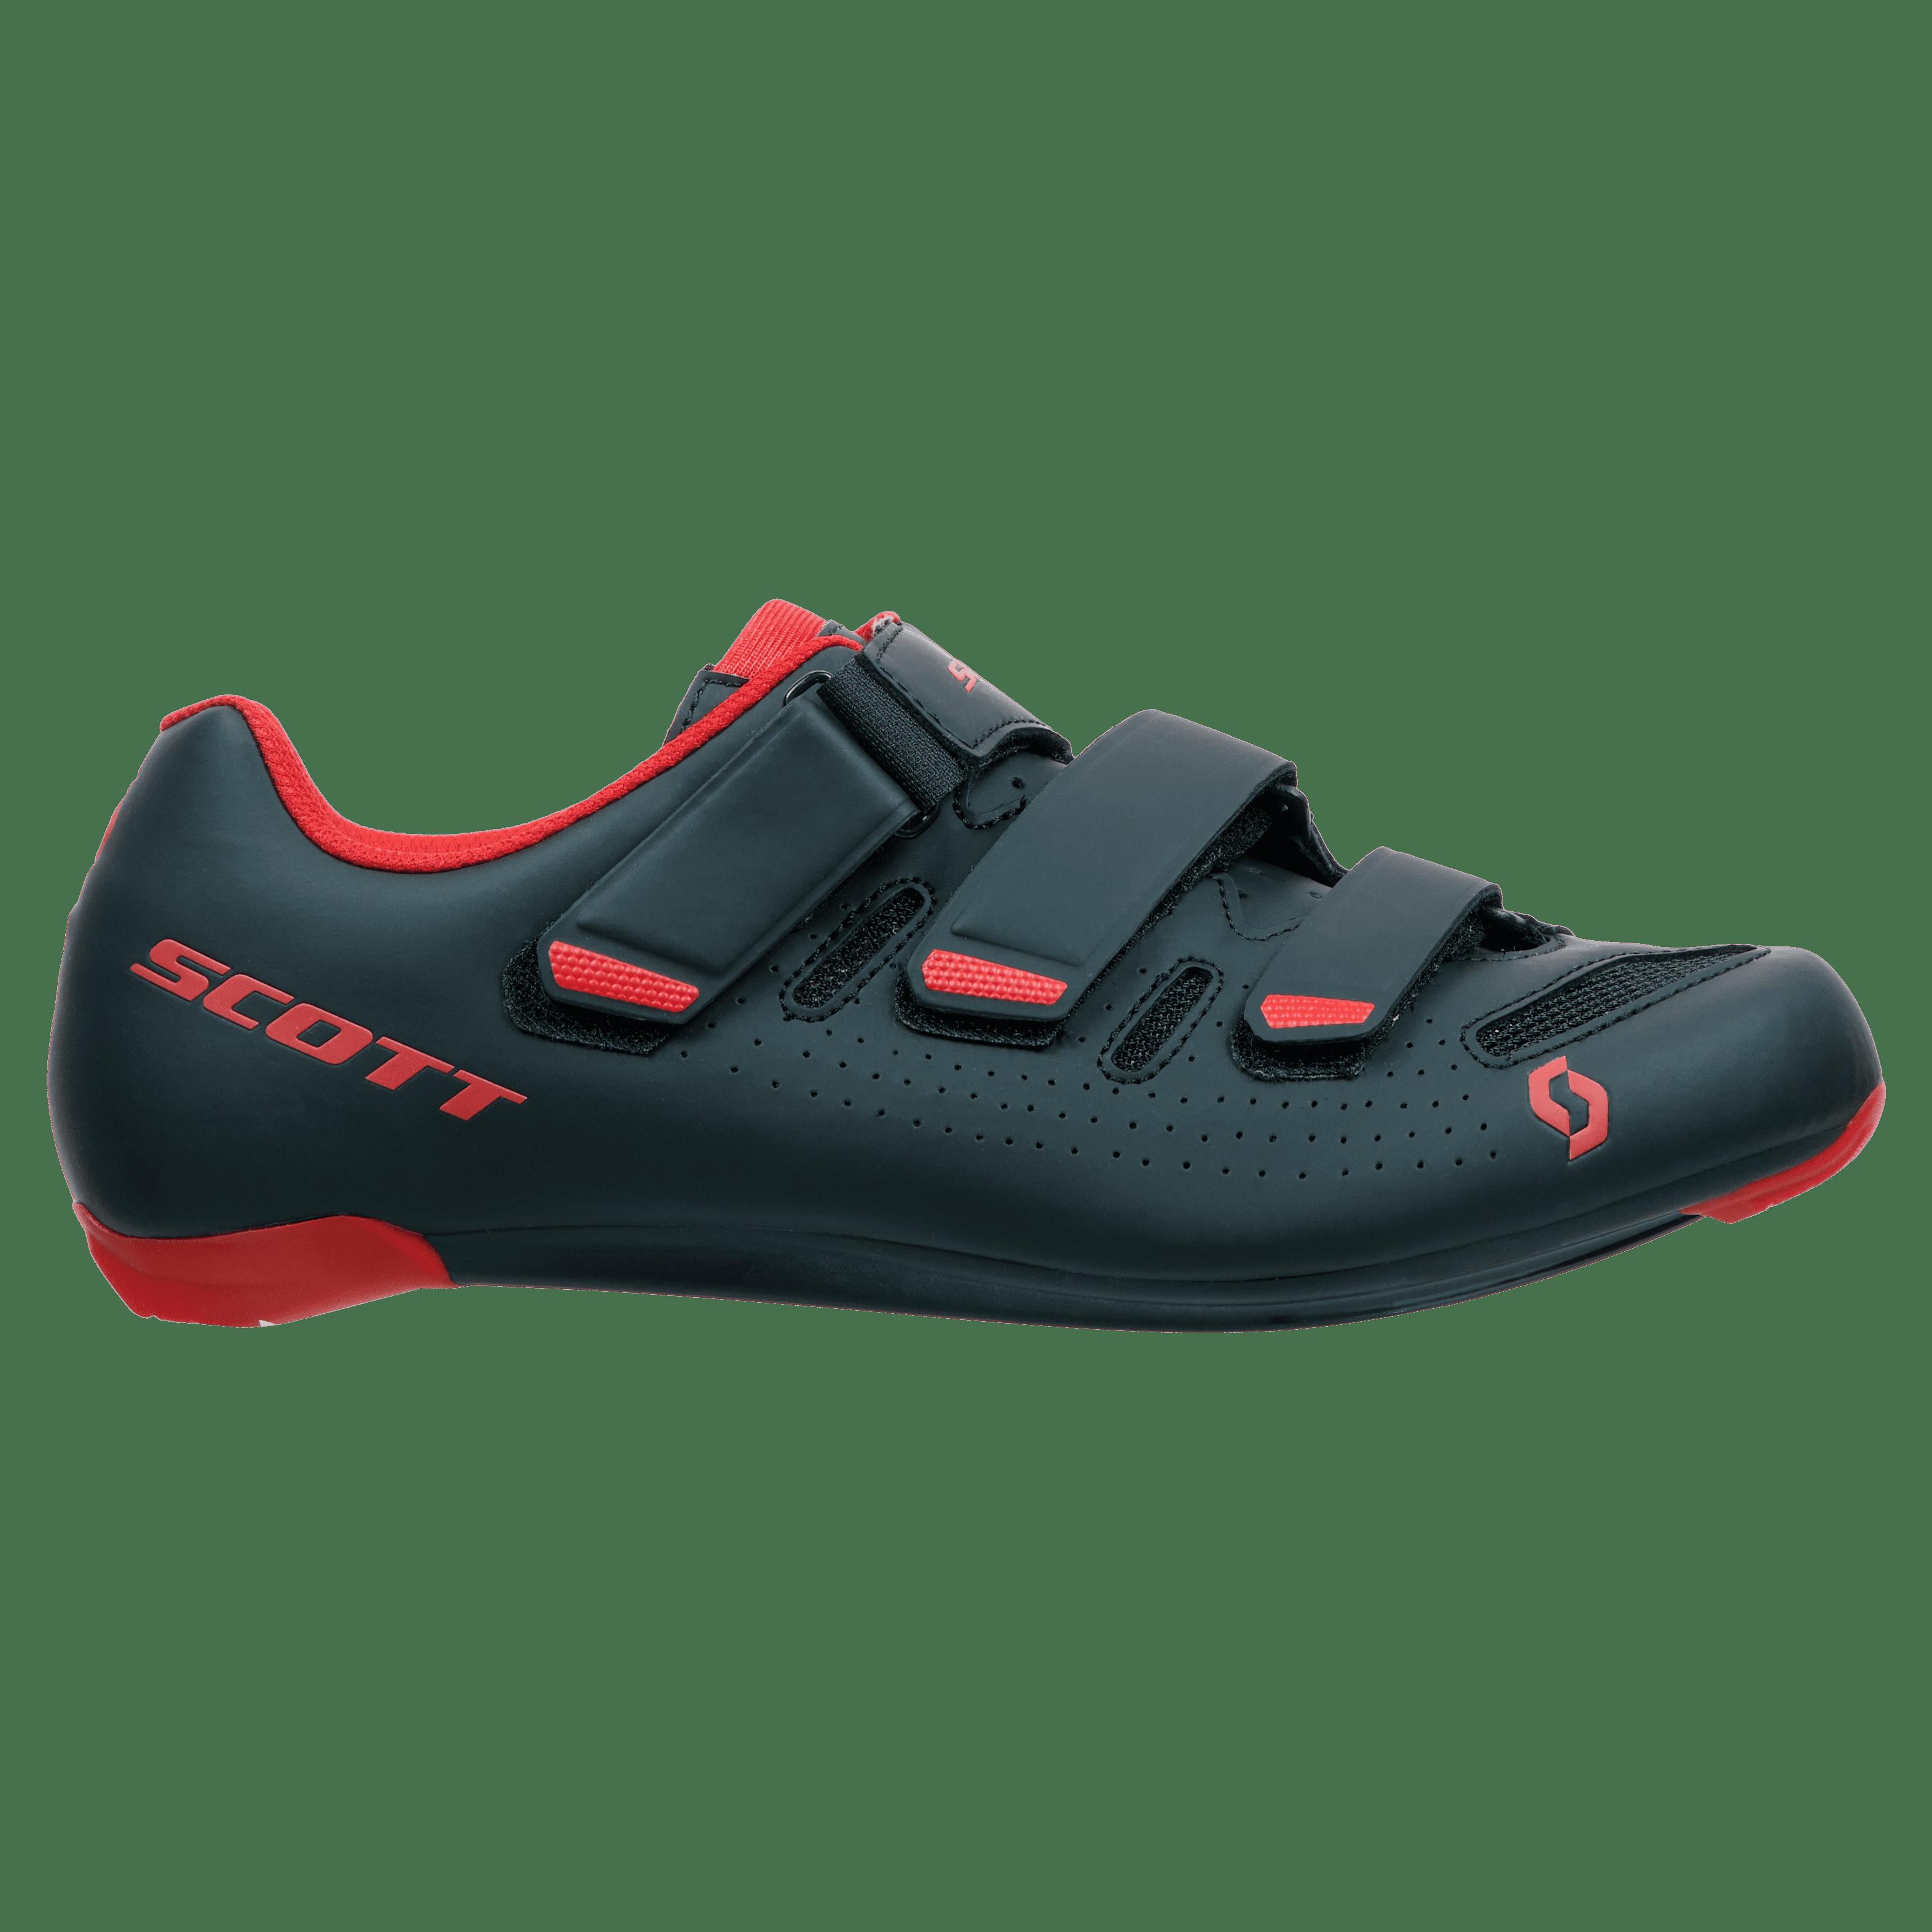 SCOTT Road Comp Shoe